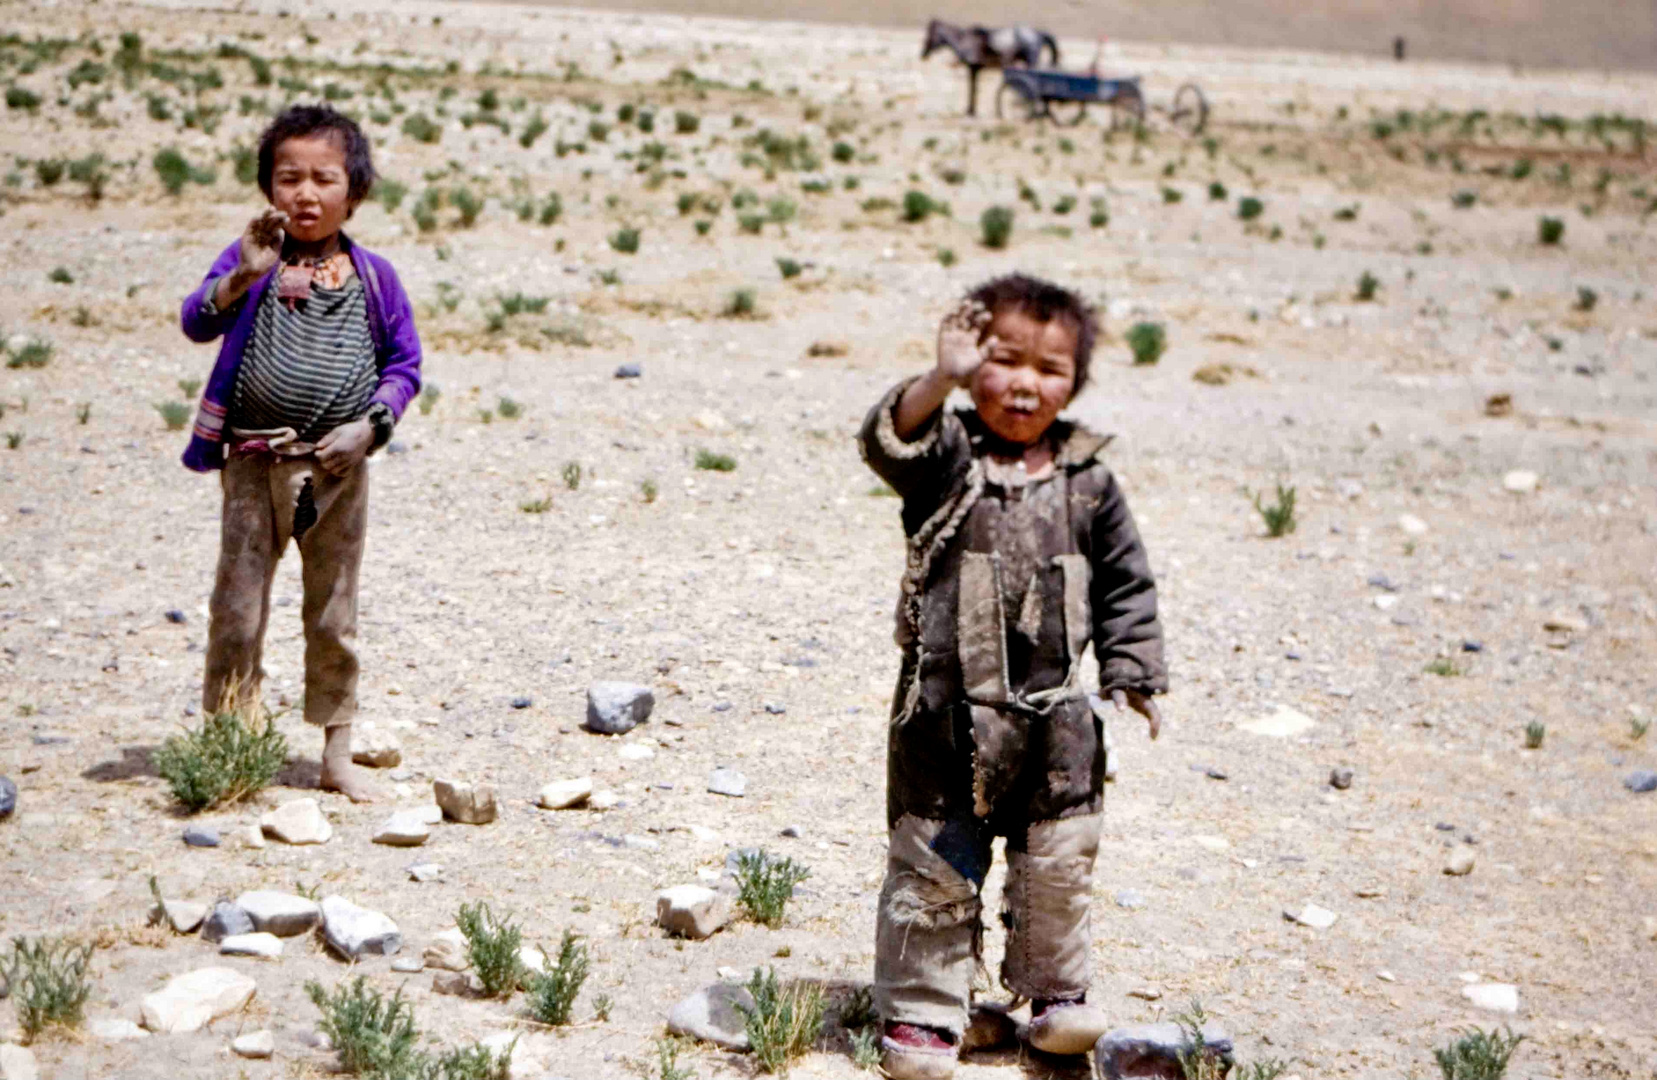 Tibetan kids